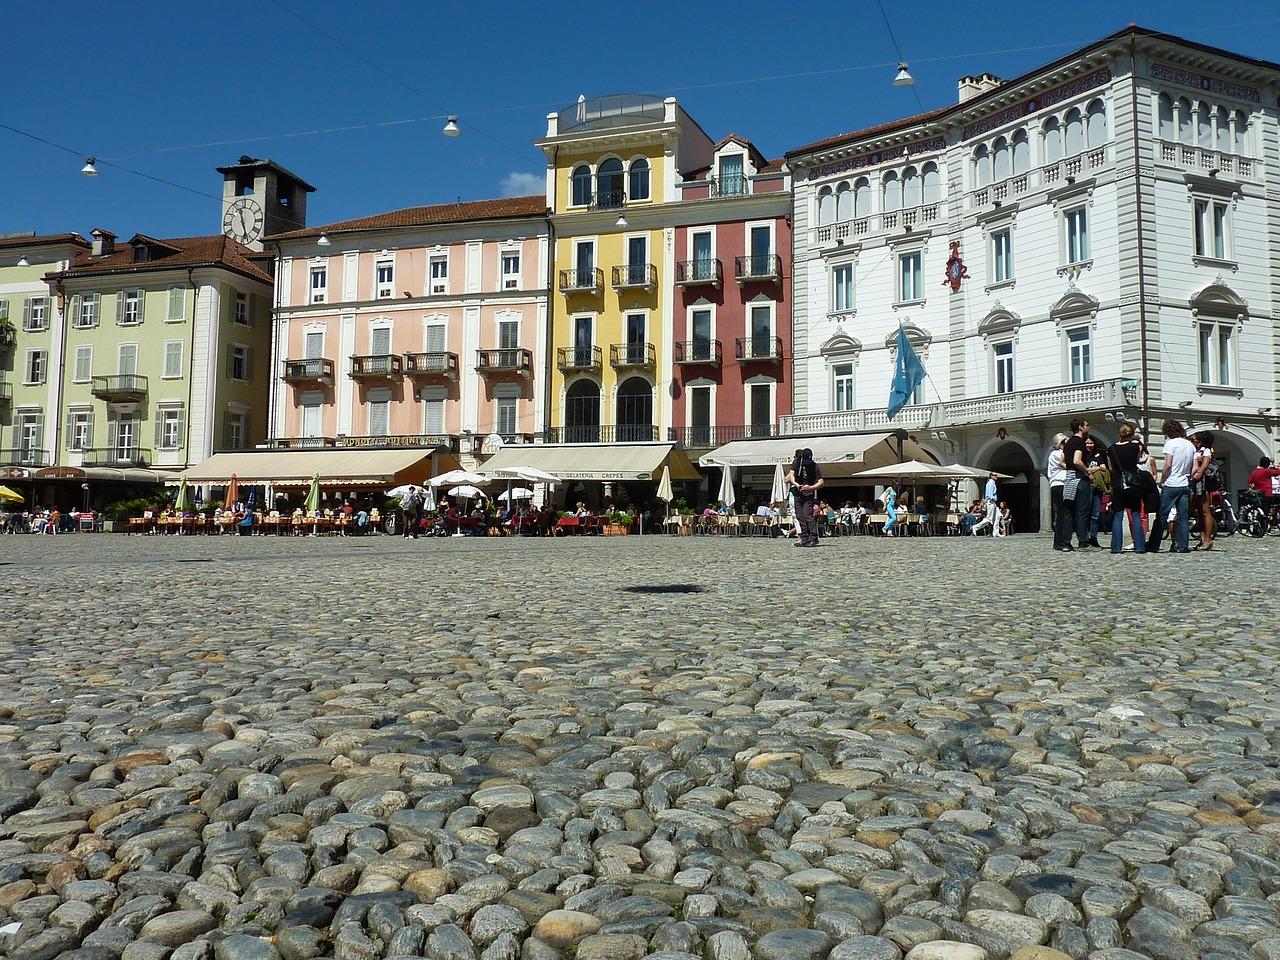 En verano, la gente se reúne por la noche en la Piazza Grande